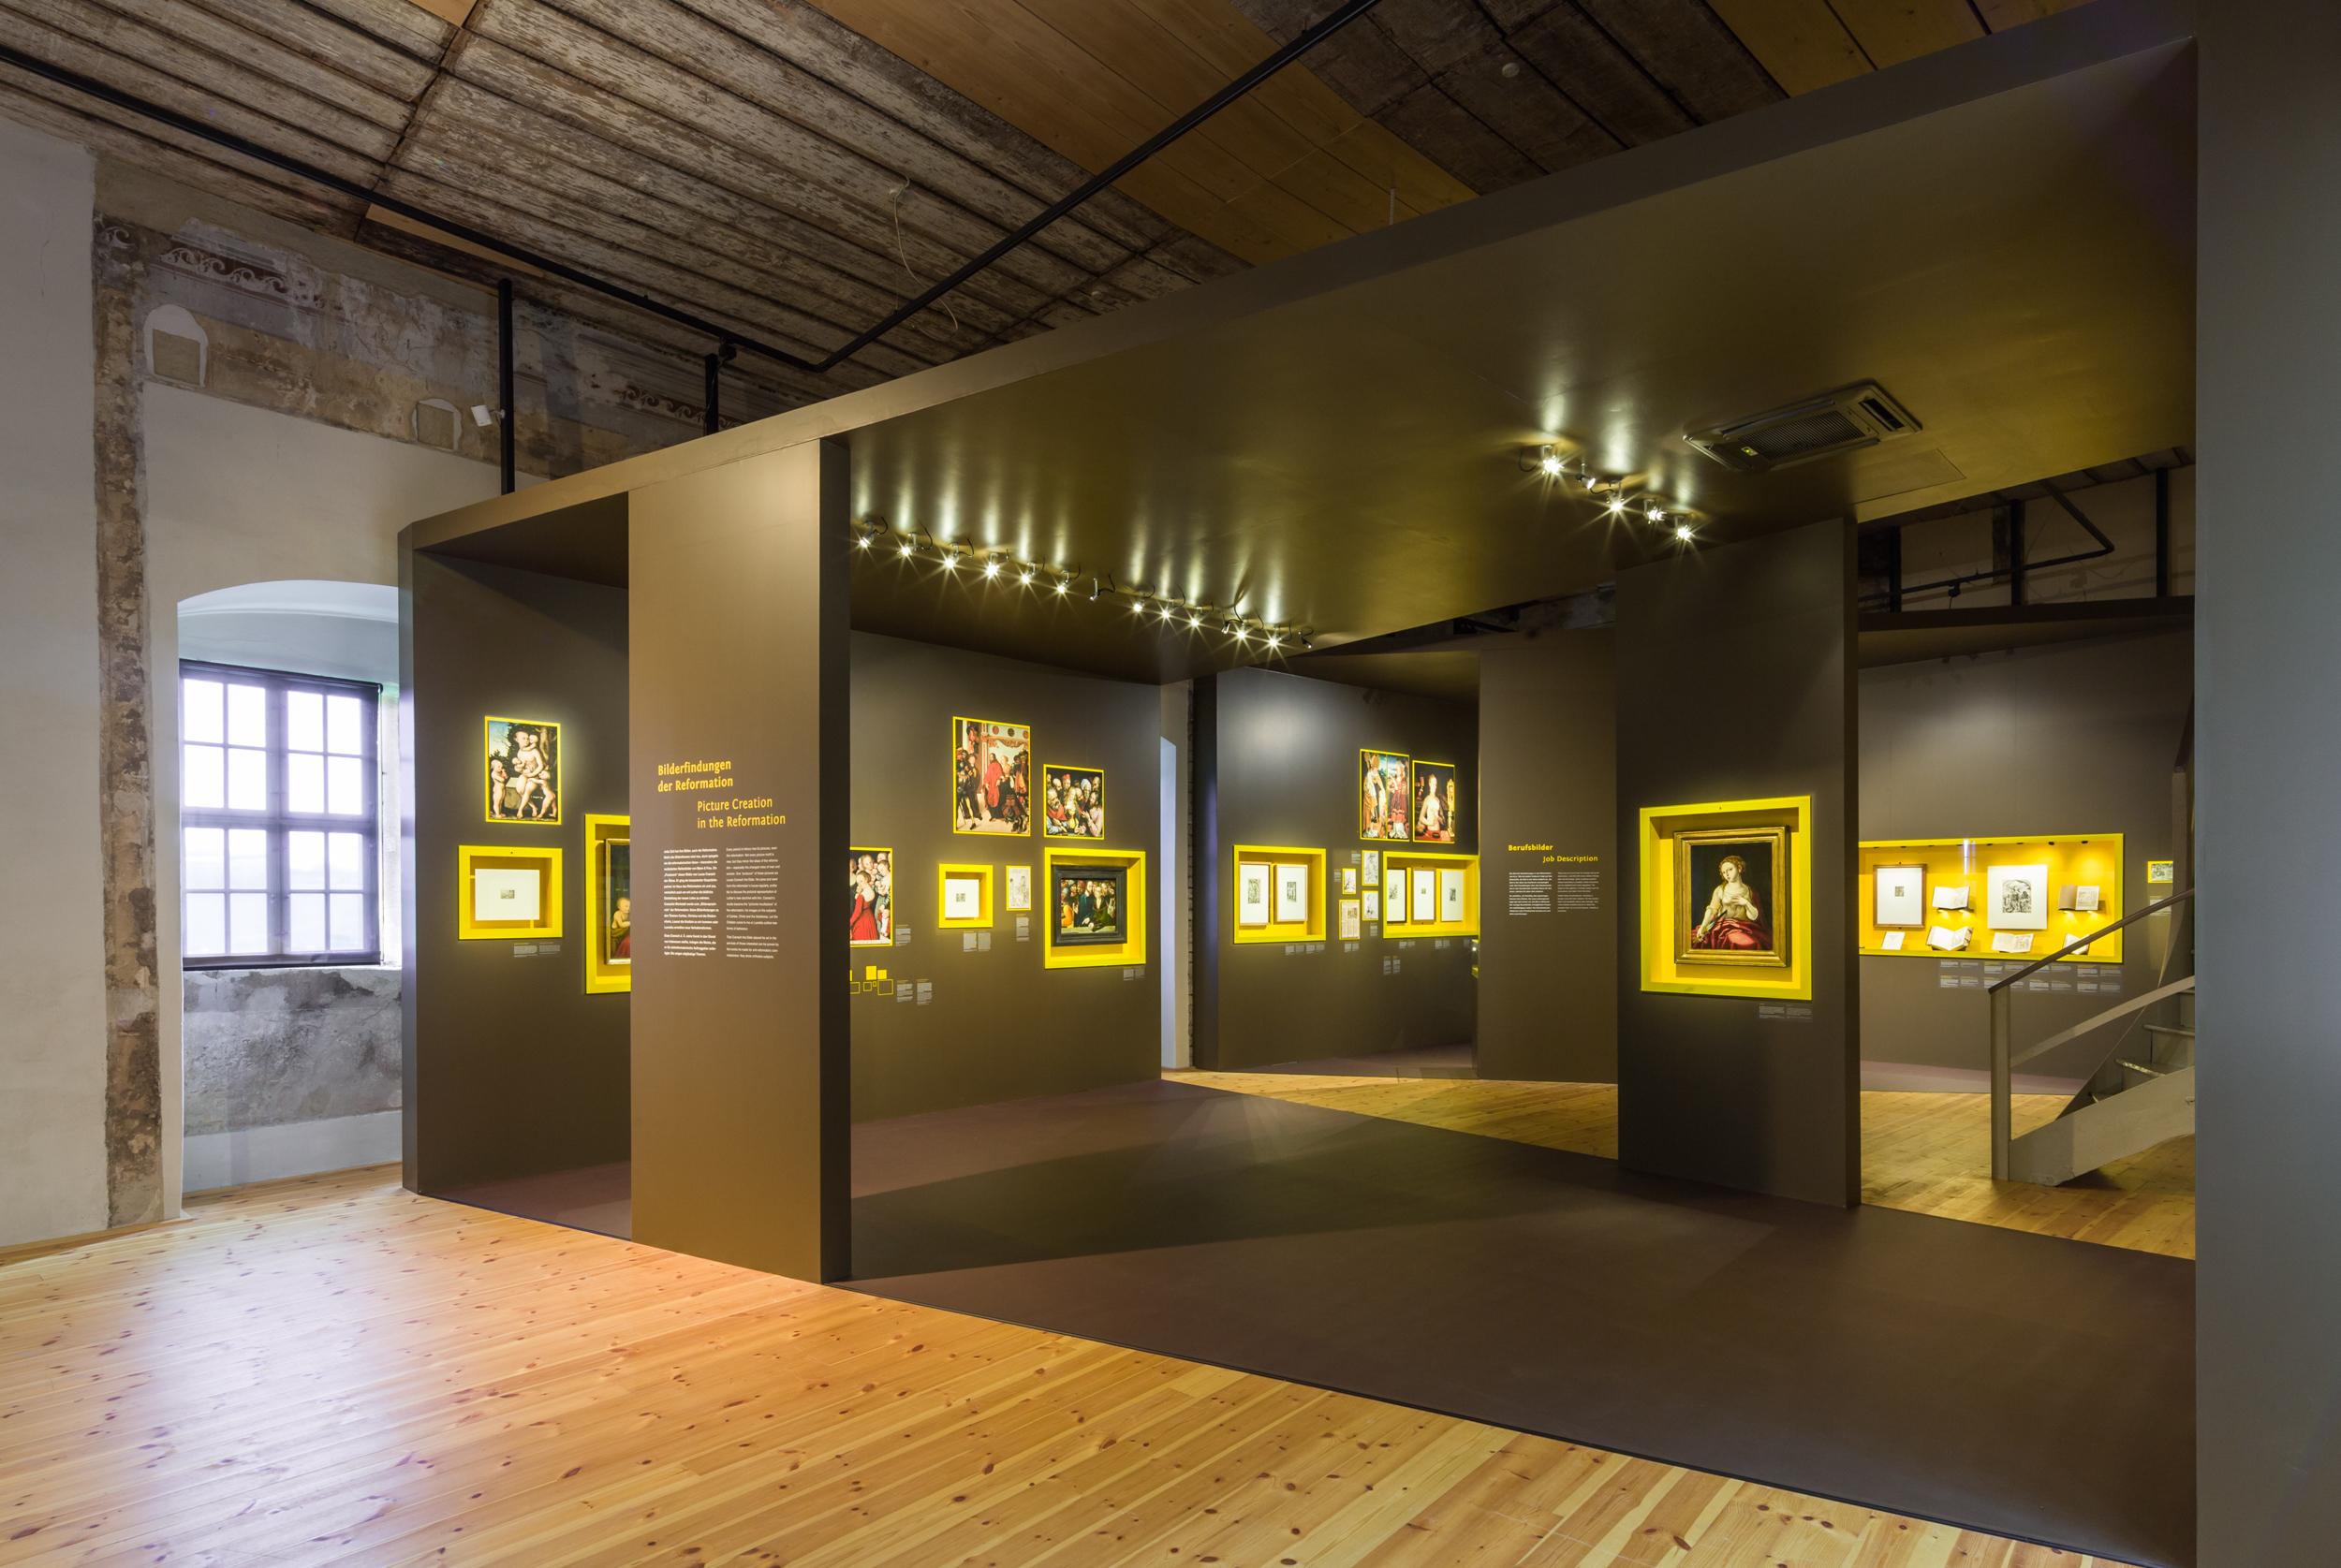 Uniboden Patone Designfußboden Museumsboden